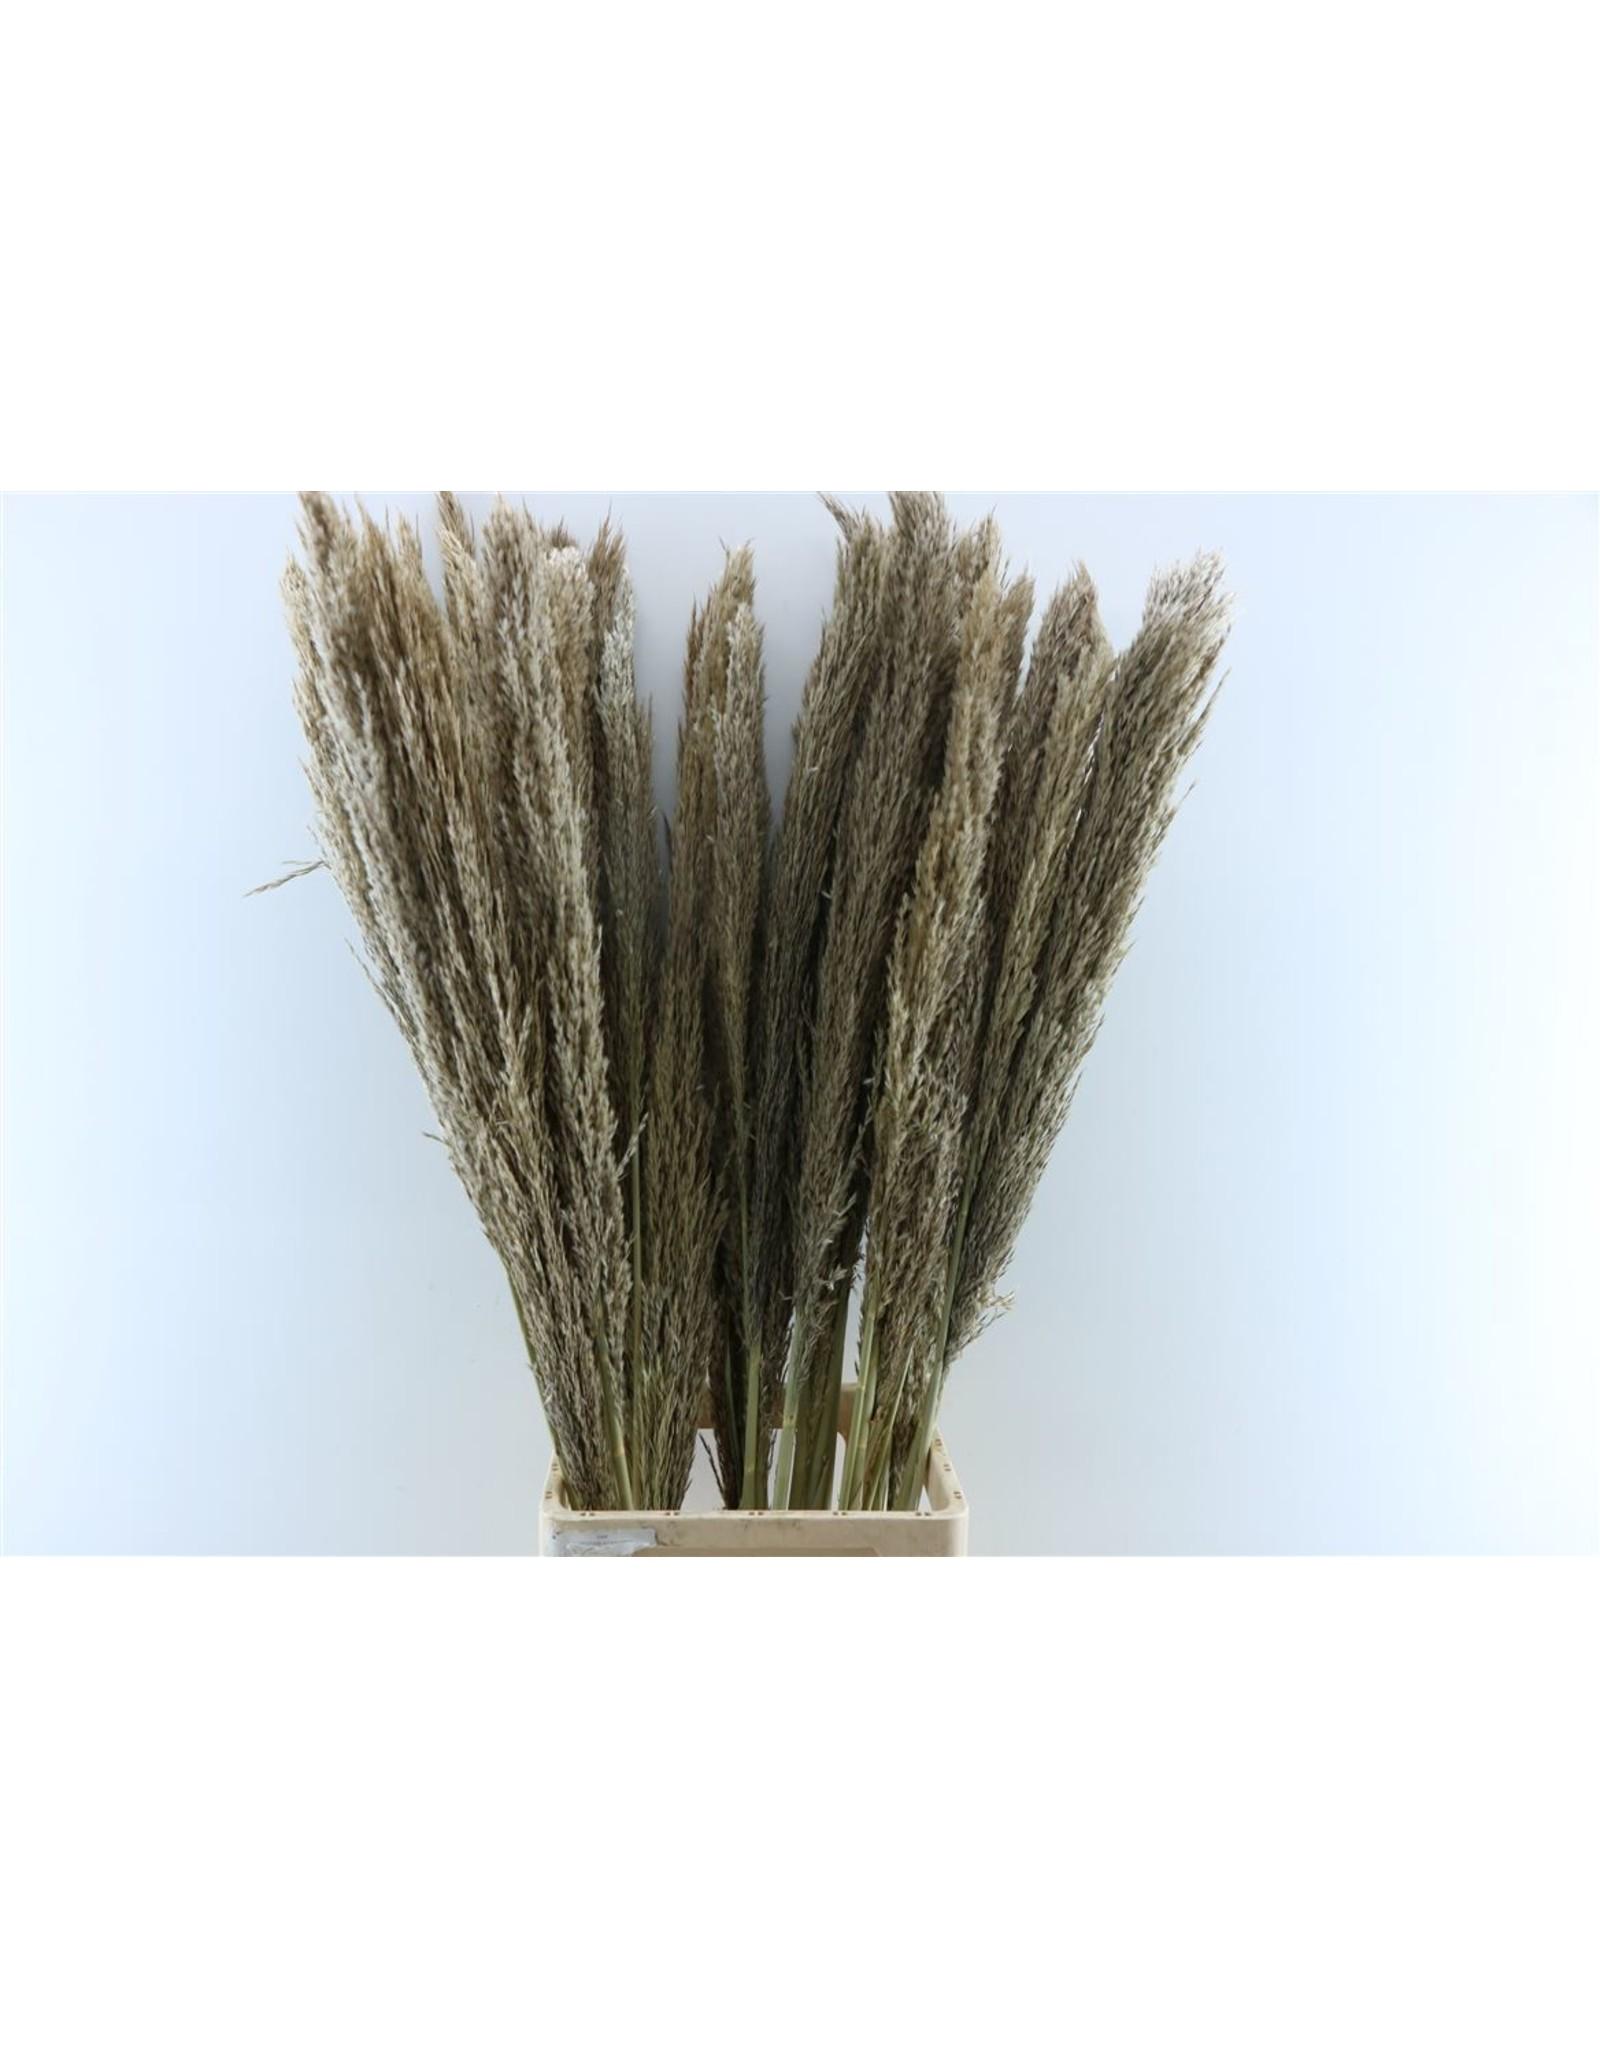 Dried Arundo 110cm Bunch 5 Stems x 5